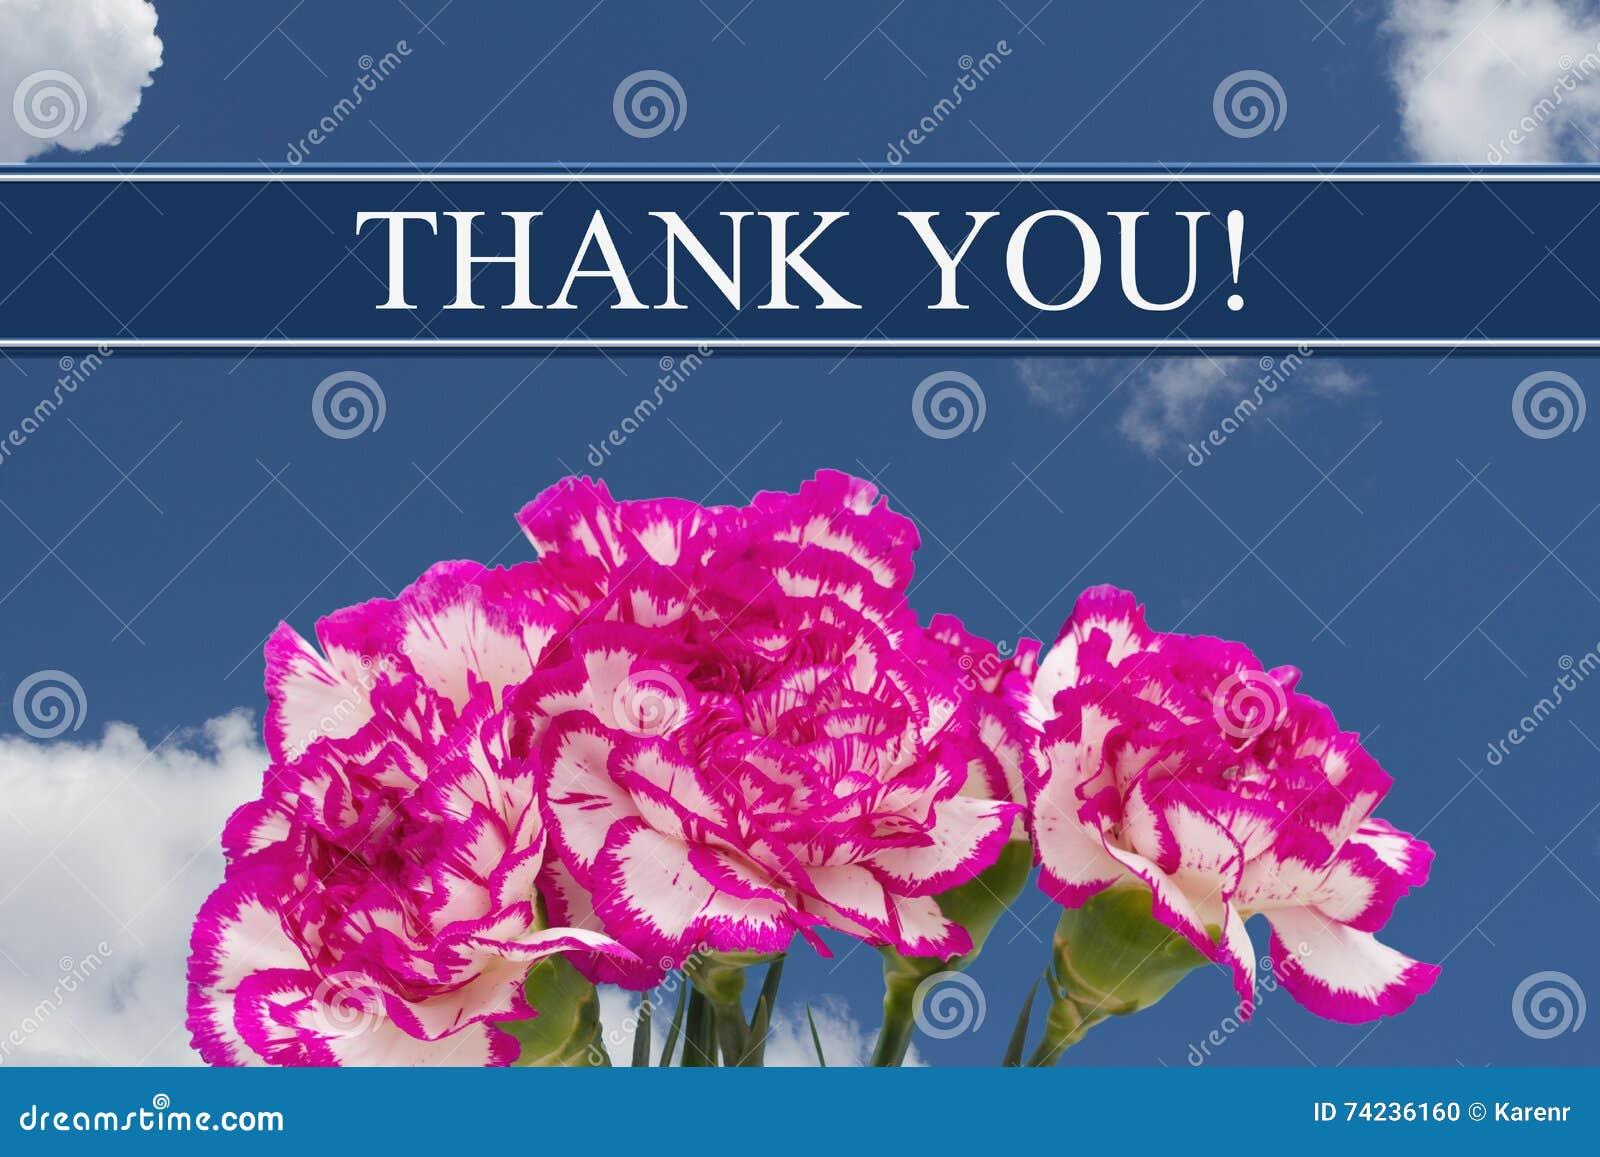 Merci message avec un bouquet rose et blanc de pivoine